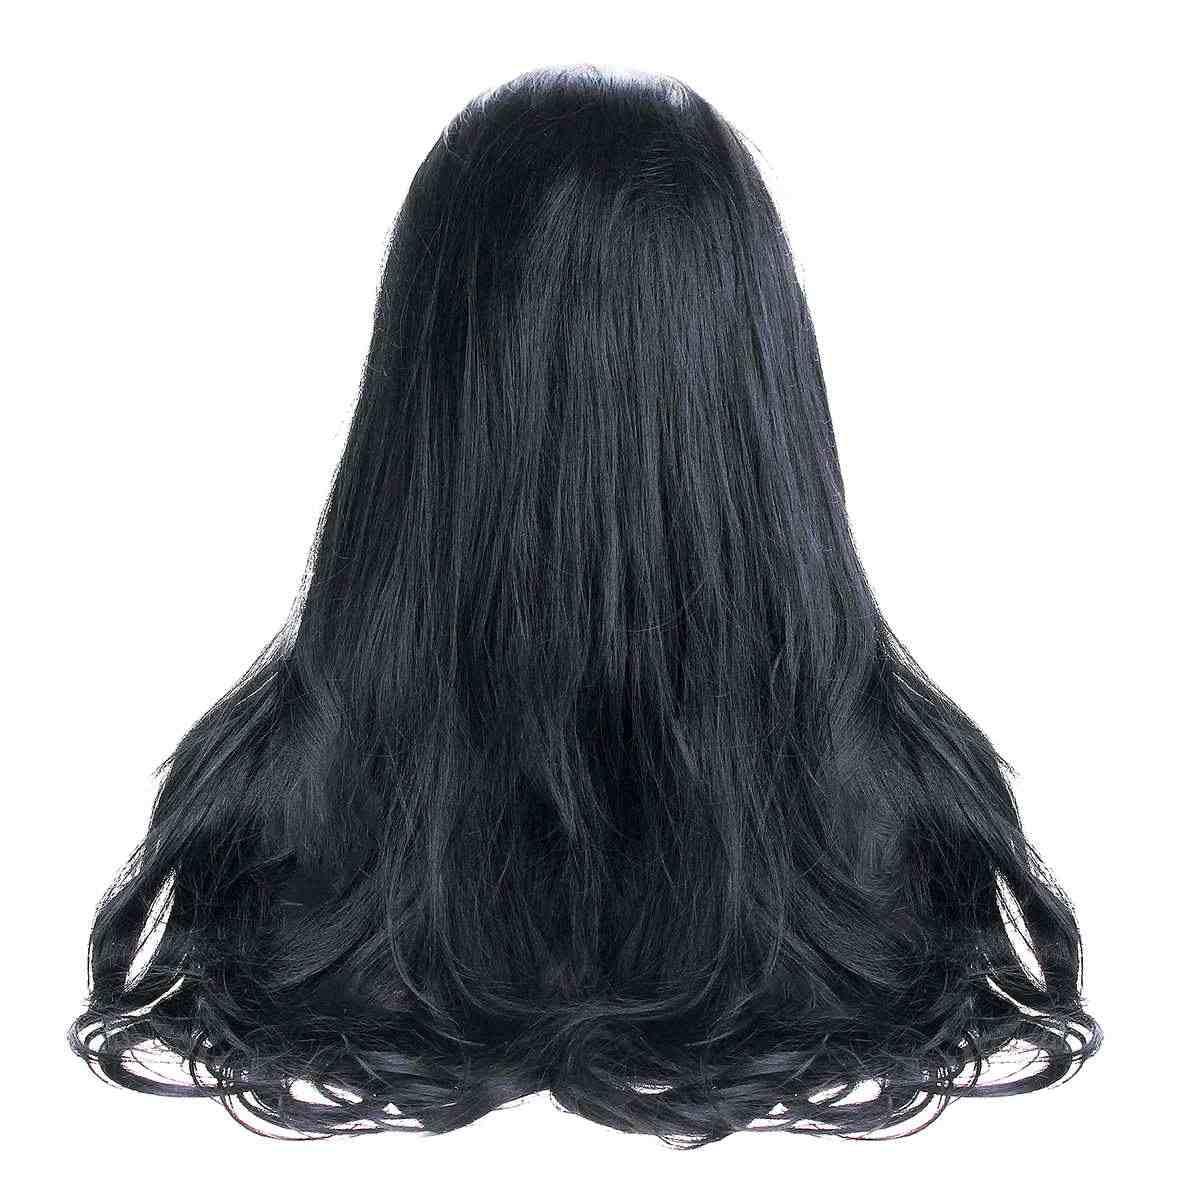 """Бесклеевая кружевная передняя часть человеческих волос парики Полный парик 24 """"Женский тела предварительно сорванный волнистый парик с черными волосами Hairline Dream beauty"""